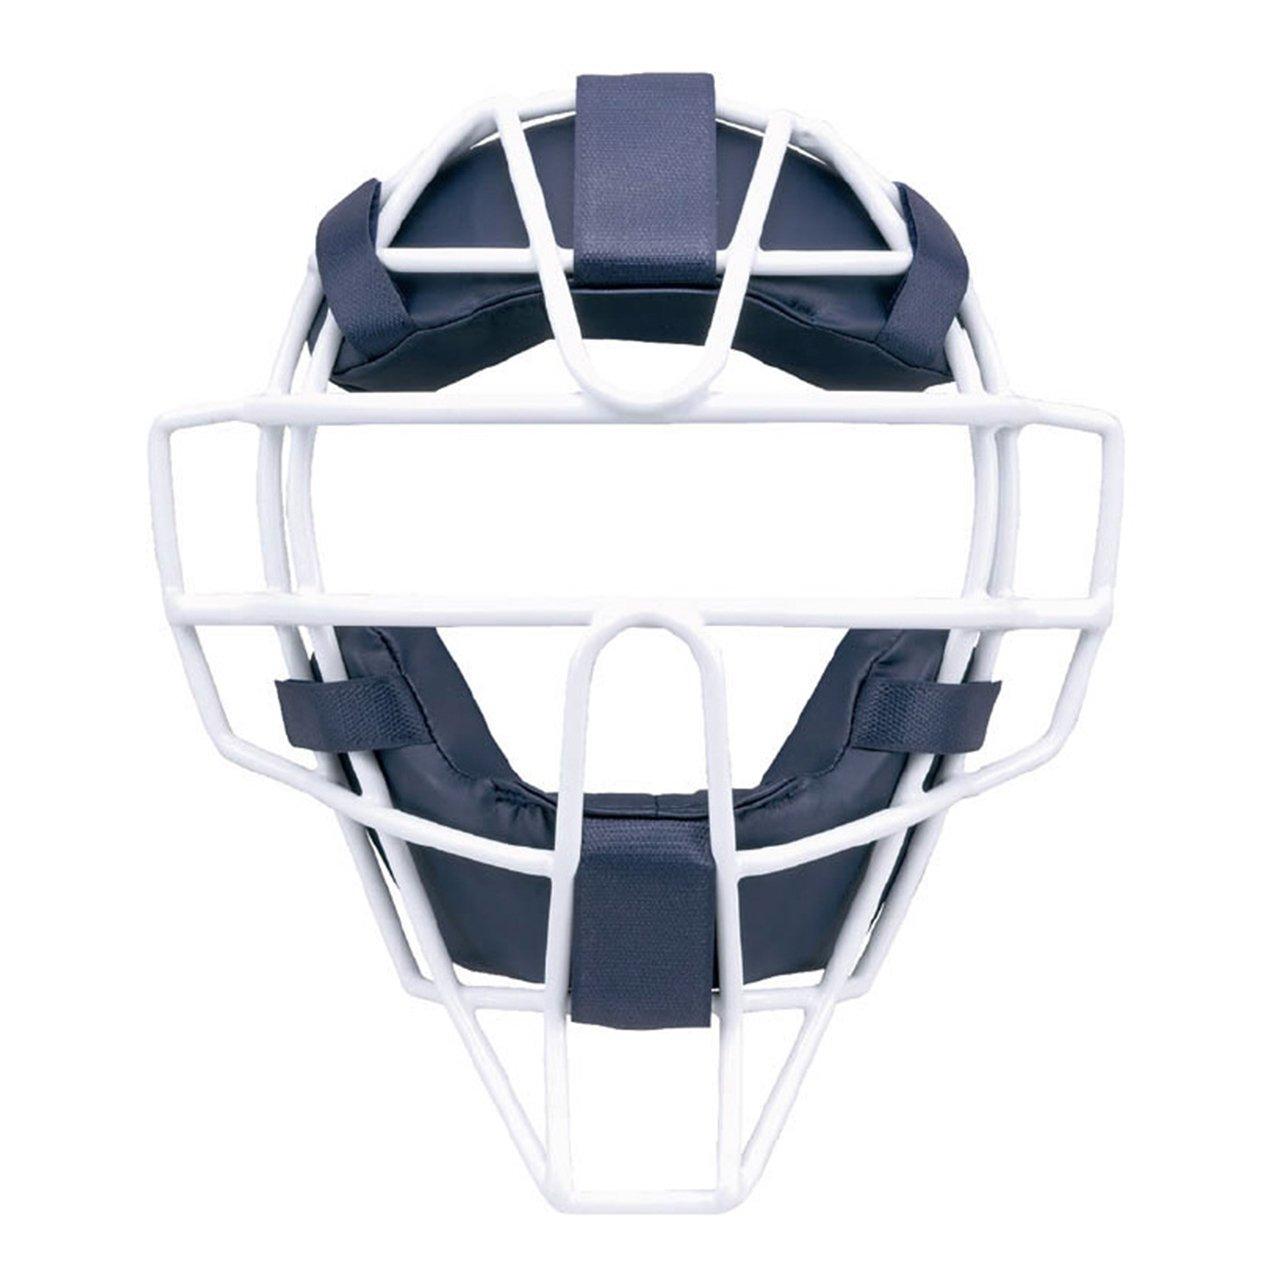 ミズノ ミズノプロ ソフトボール用 防具 マスク 1DJQS100 B06WLQPQQQネイビー×ホワイト(14)